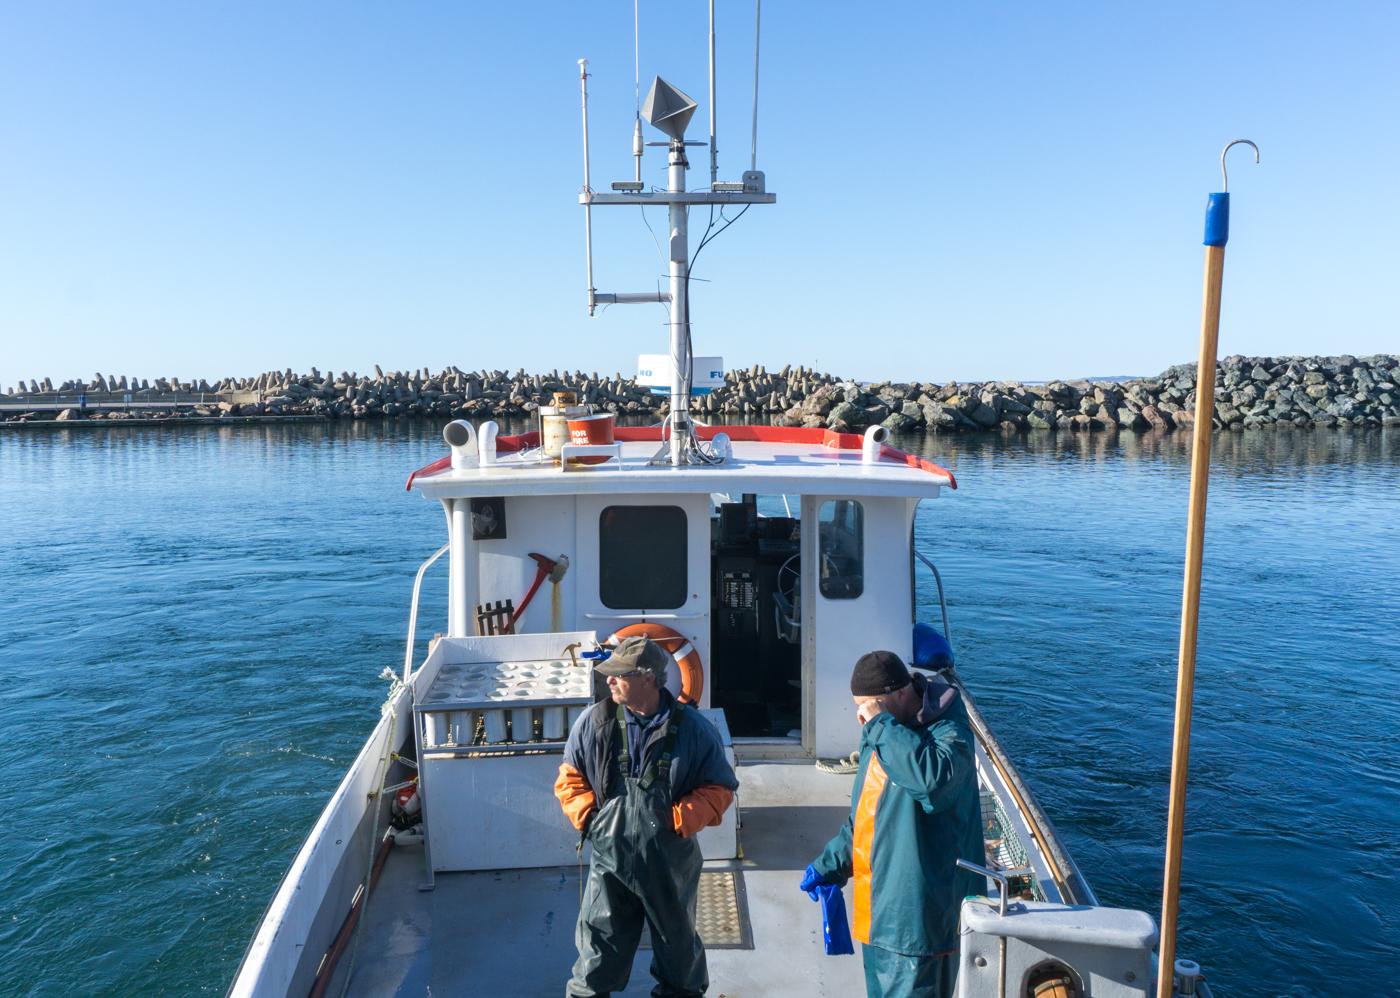 Kevin et Jeannot Aucoin sur leur bateau homardier dans le port de Cap-aux-Meules